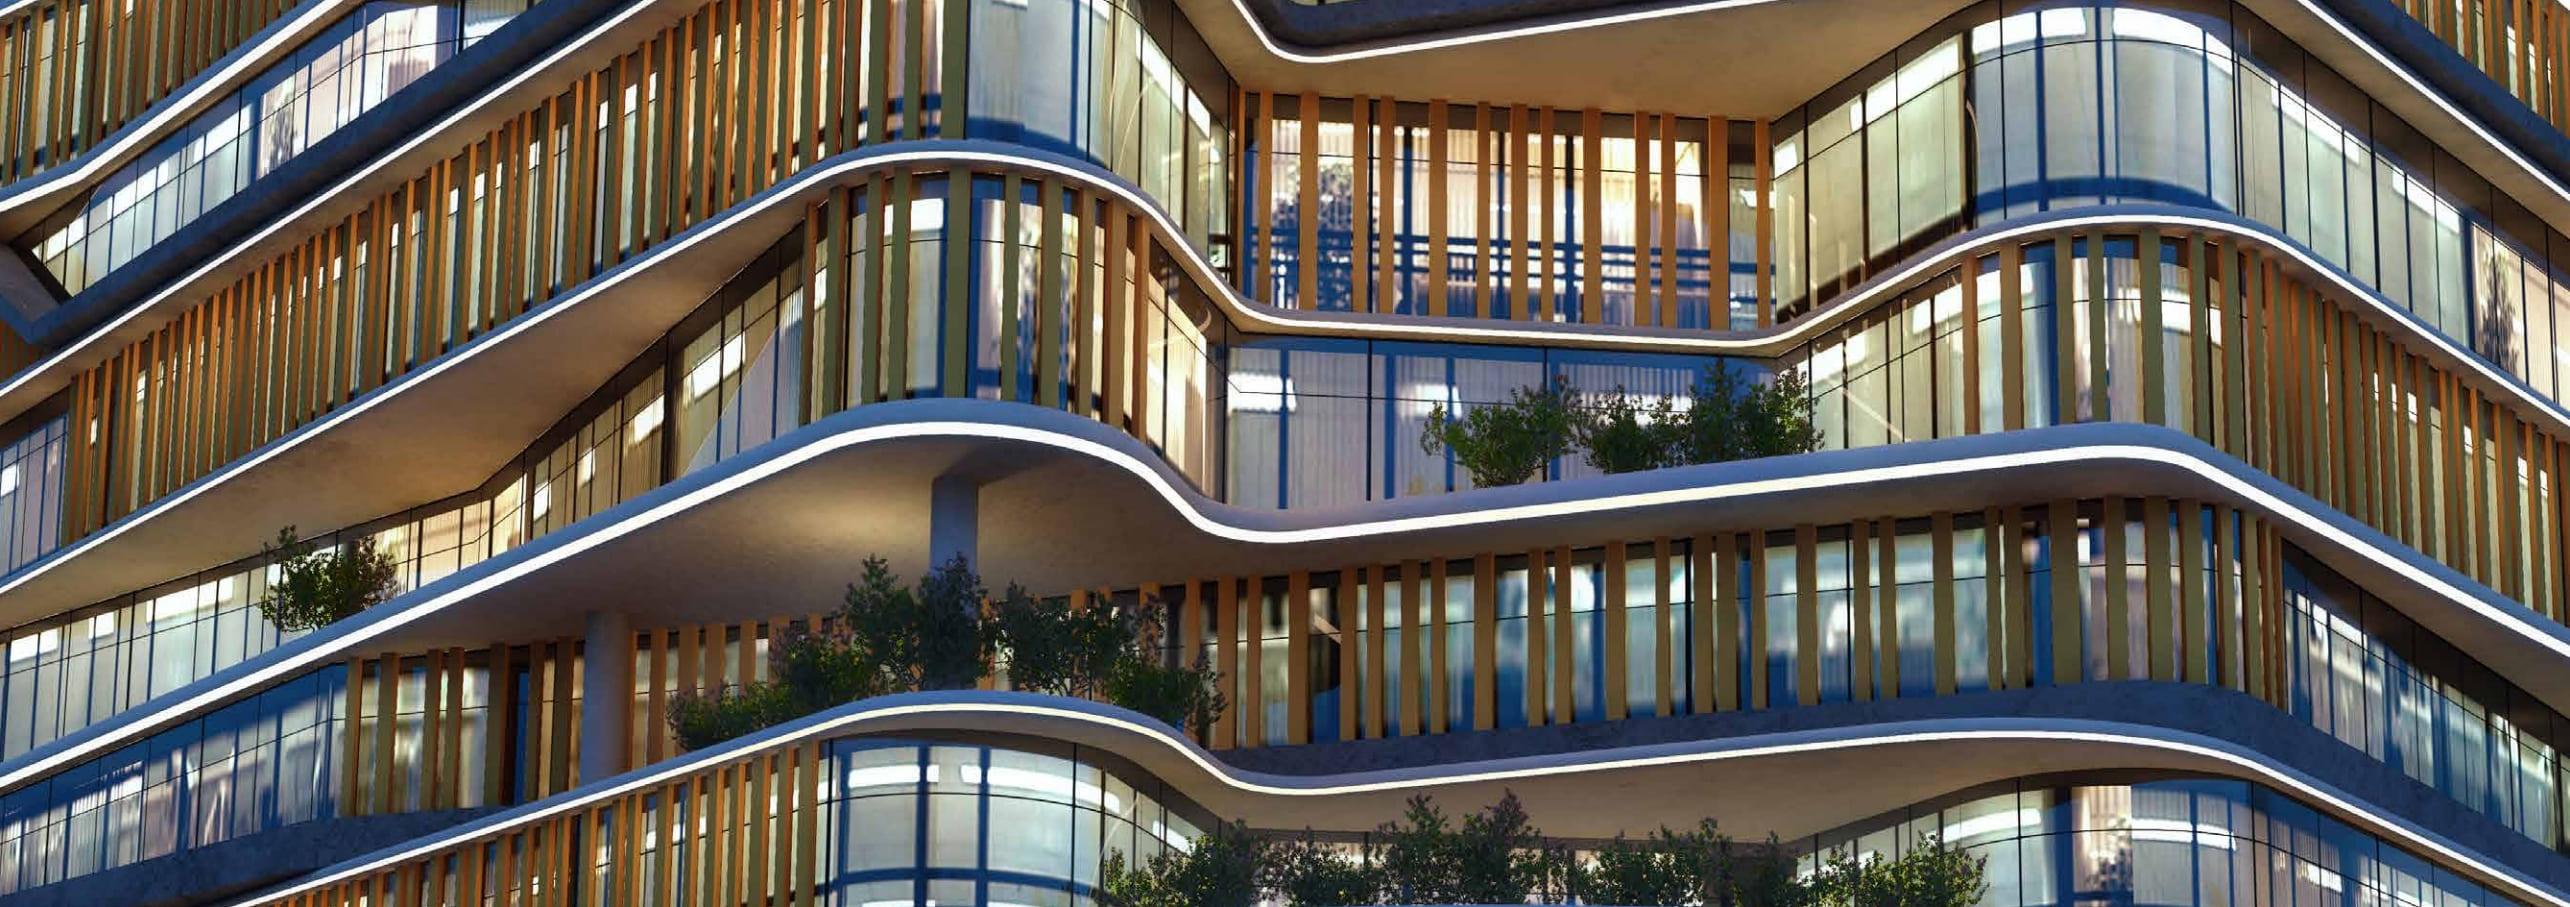 مول ايلفين بالعاصمة الادارية الجديدة Eleven Mall New Capital